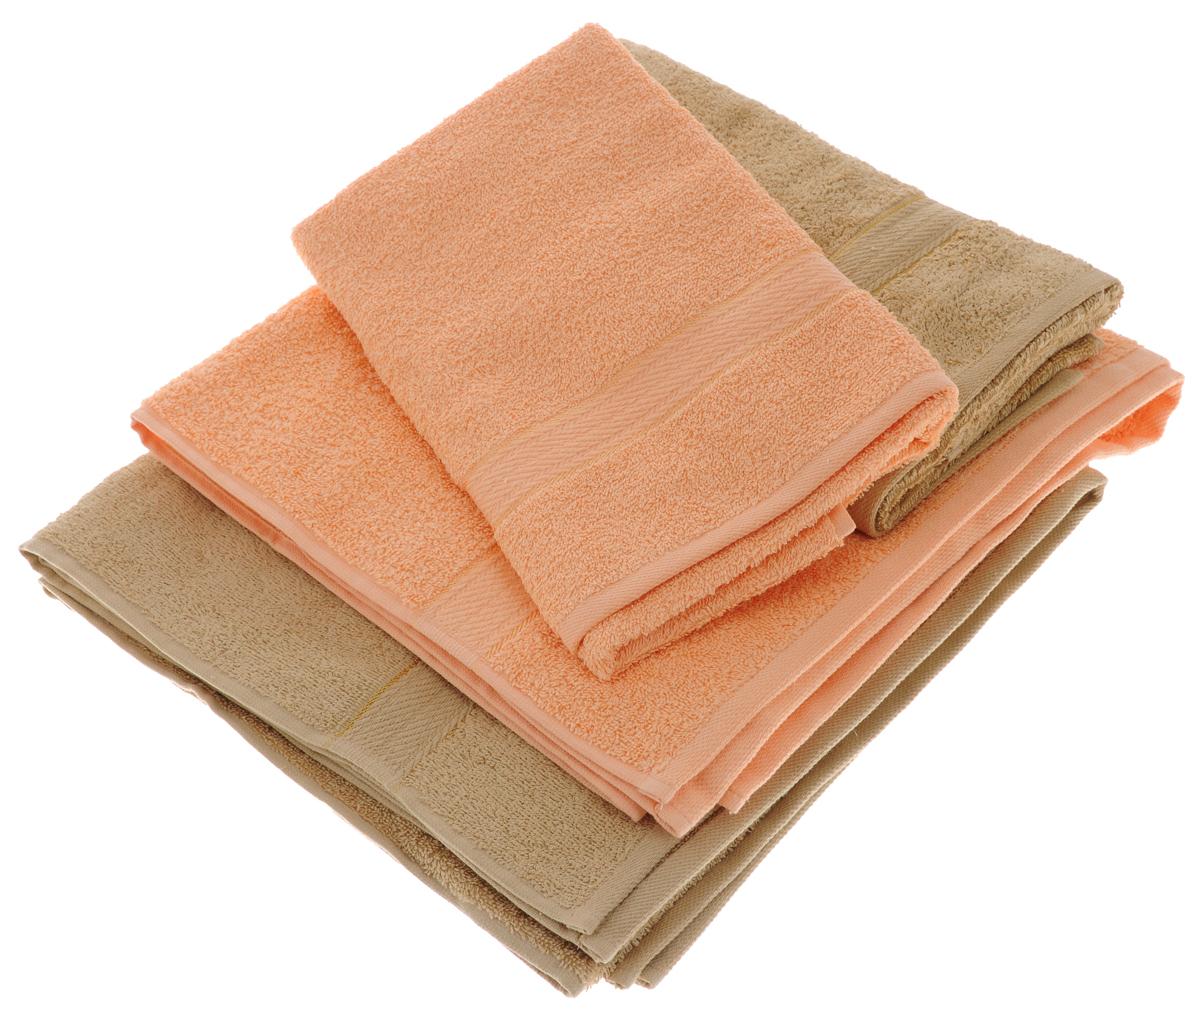 Набор махровых полотенец Aisha Home Textile, цвет: светло-коричневый, персиковый, 4 штУзТ-ПМ-103-23-24Набор Aisha Home Textile состоит из двух полотенец 50 х 90 см и двух банных 70 х 140 см. Полотенца выполнены из натурального 100% хлопка и махровой ткани. Изделия отлично впитывают влагу, быстро сохнут, сохраняют яркость цвета и не теряют формы даже после многократных стирок. Полотенца Aisha Home Textile очень практичны и неприхотливы в уходе. Комплектация: 4 шт.